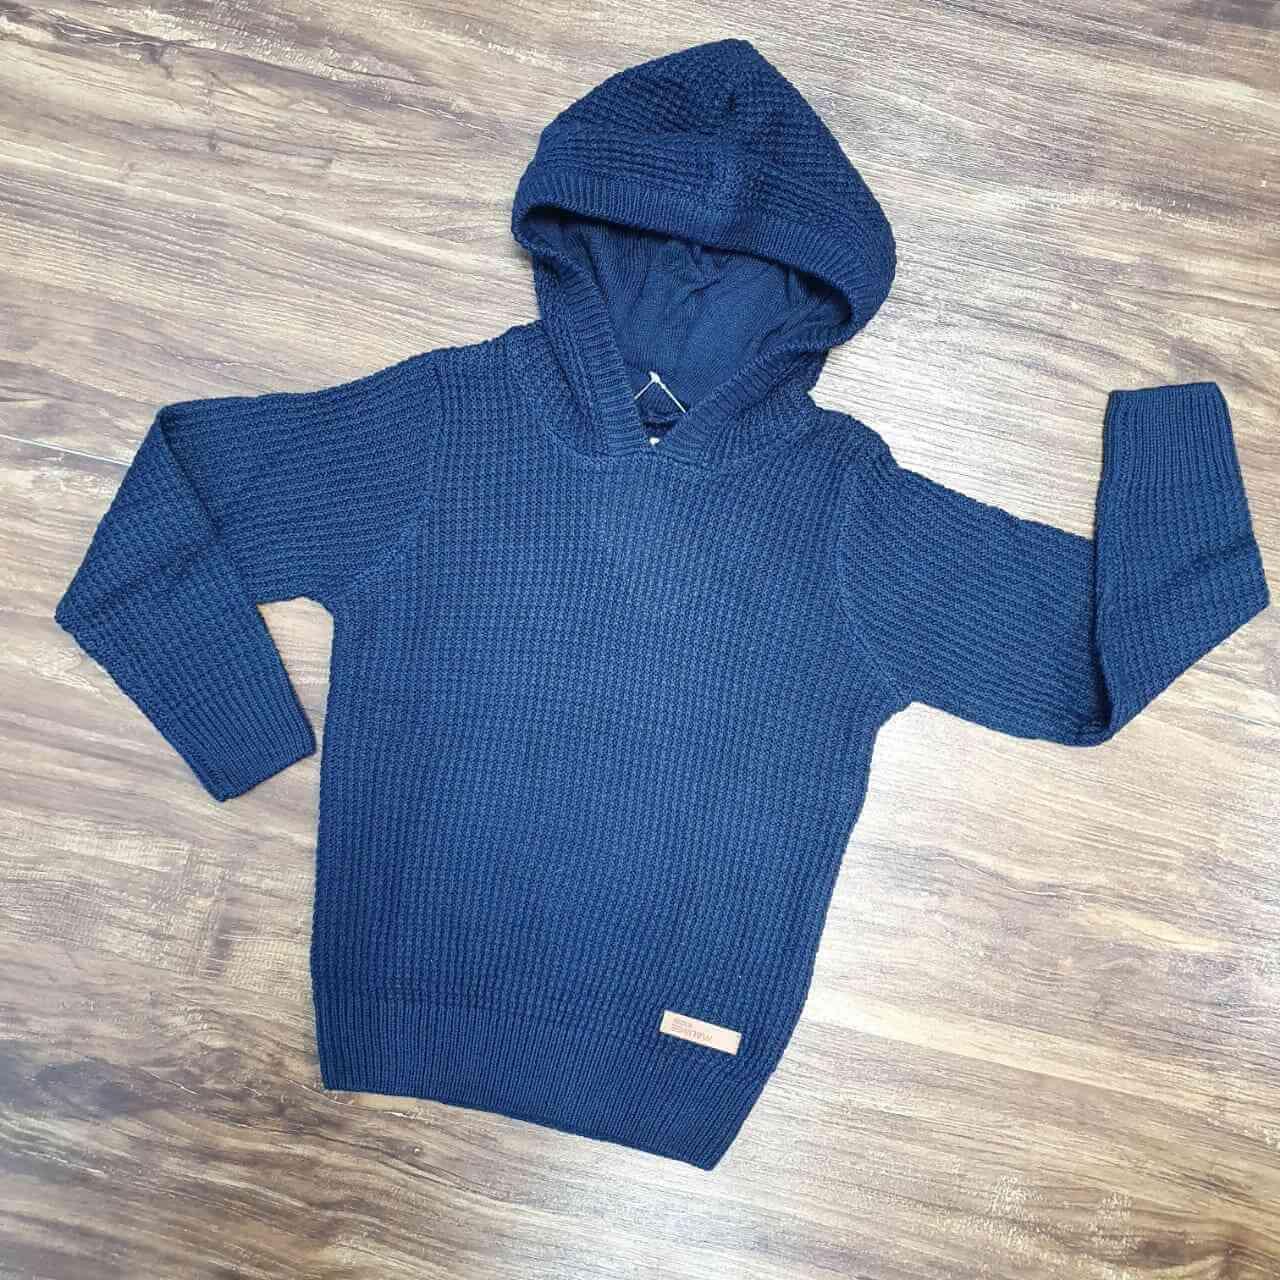 Blusa/Tricot Azul Com Capuz Infantil